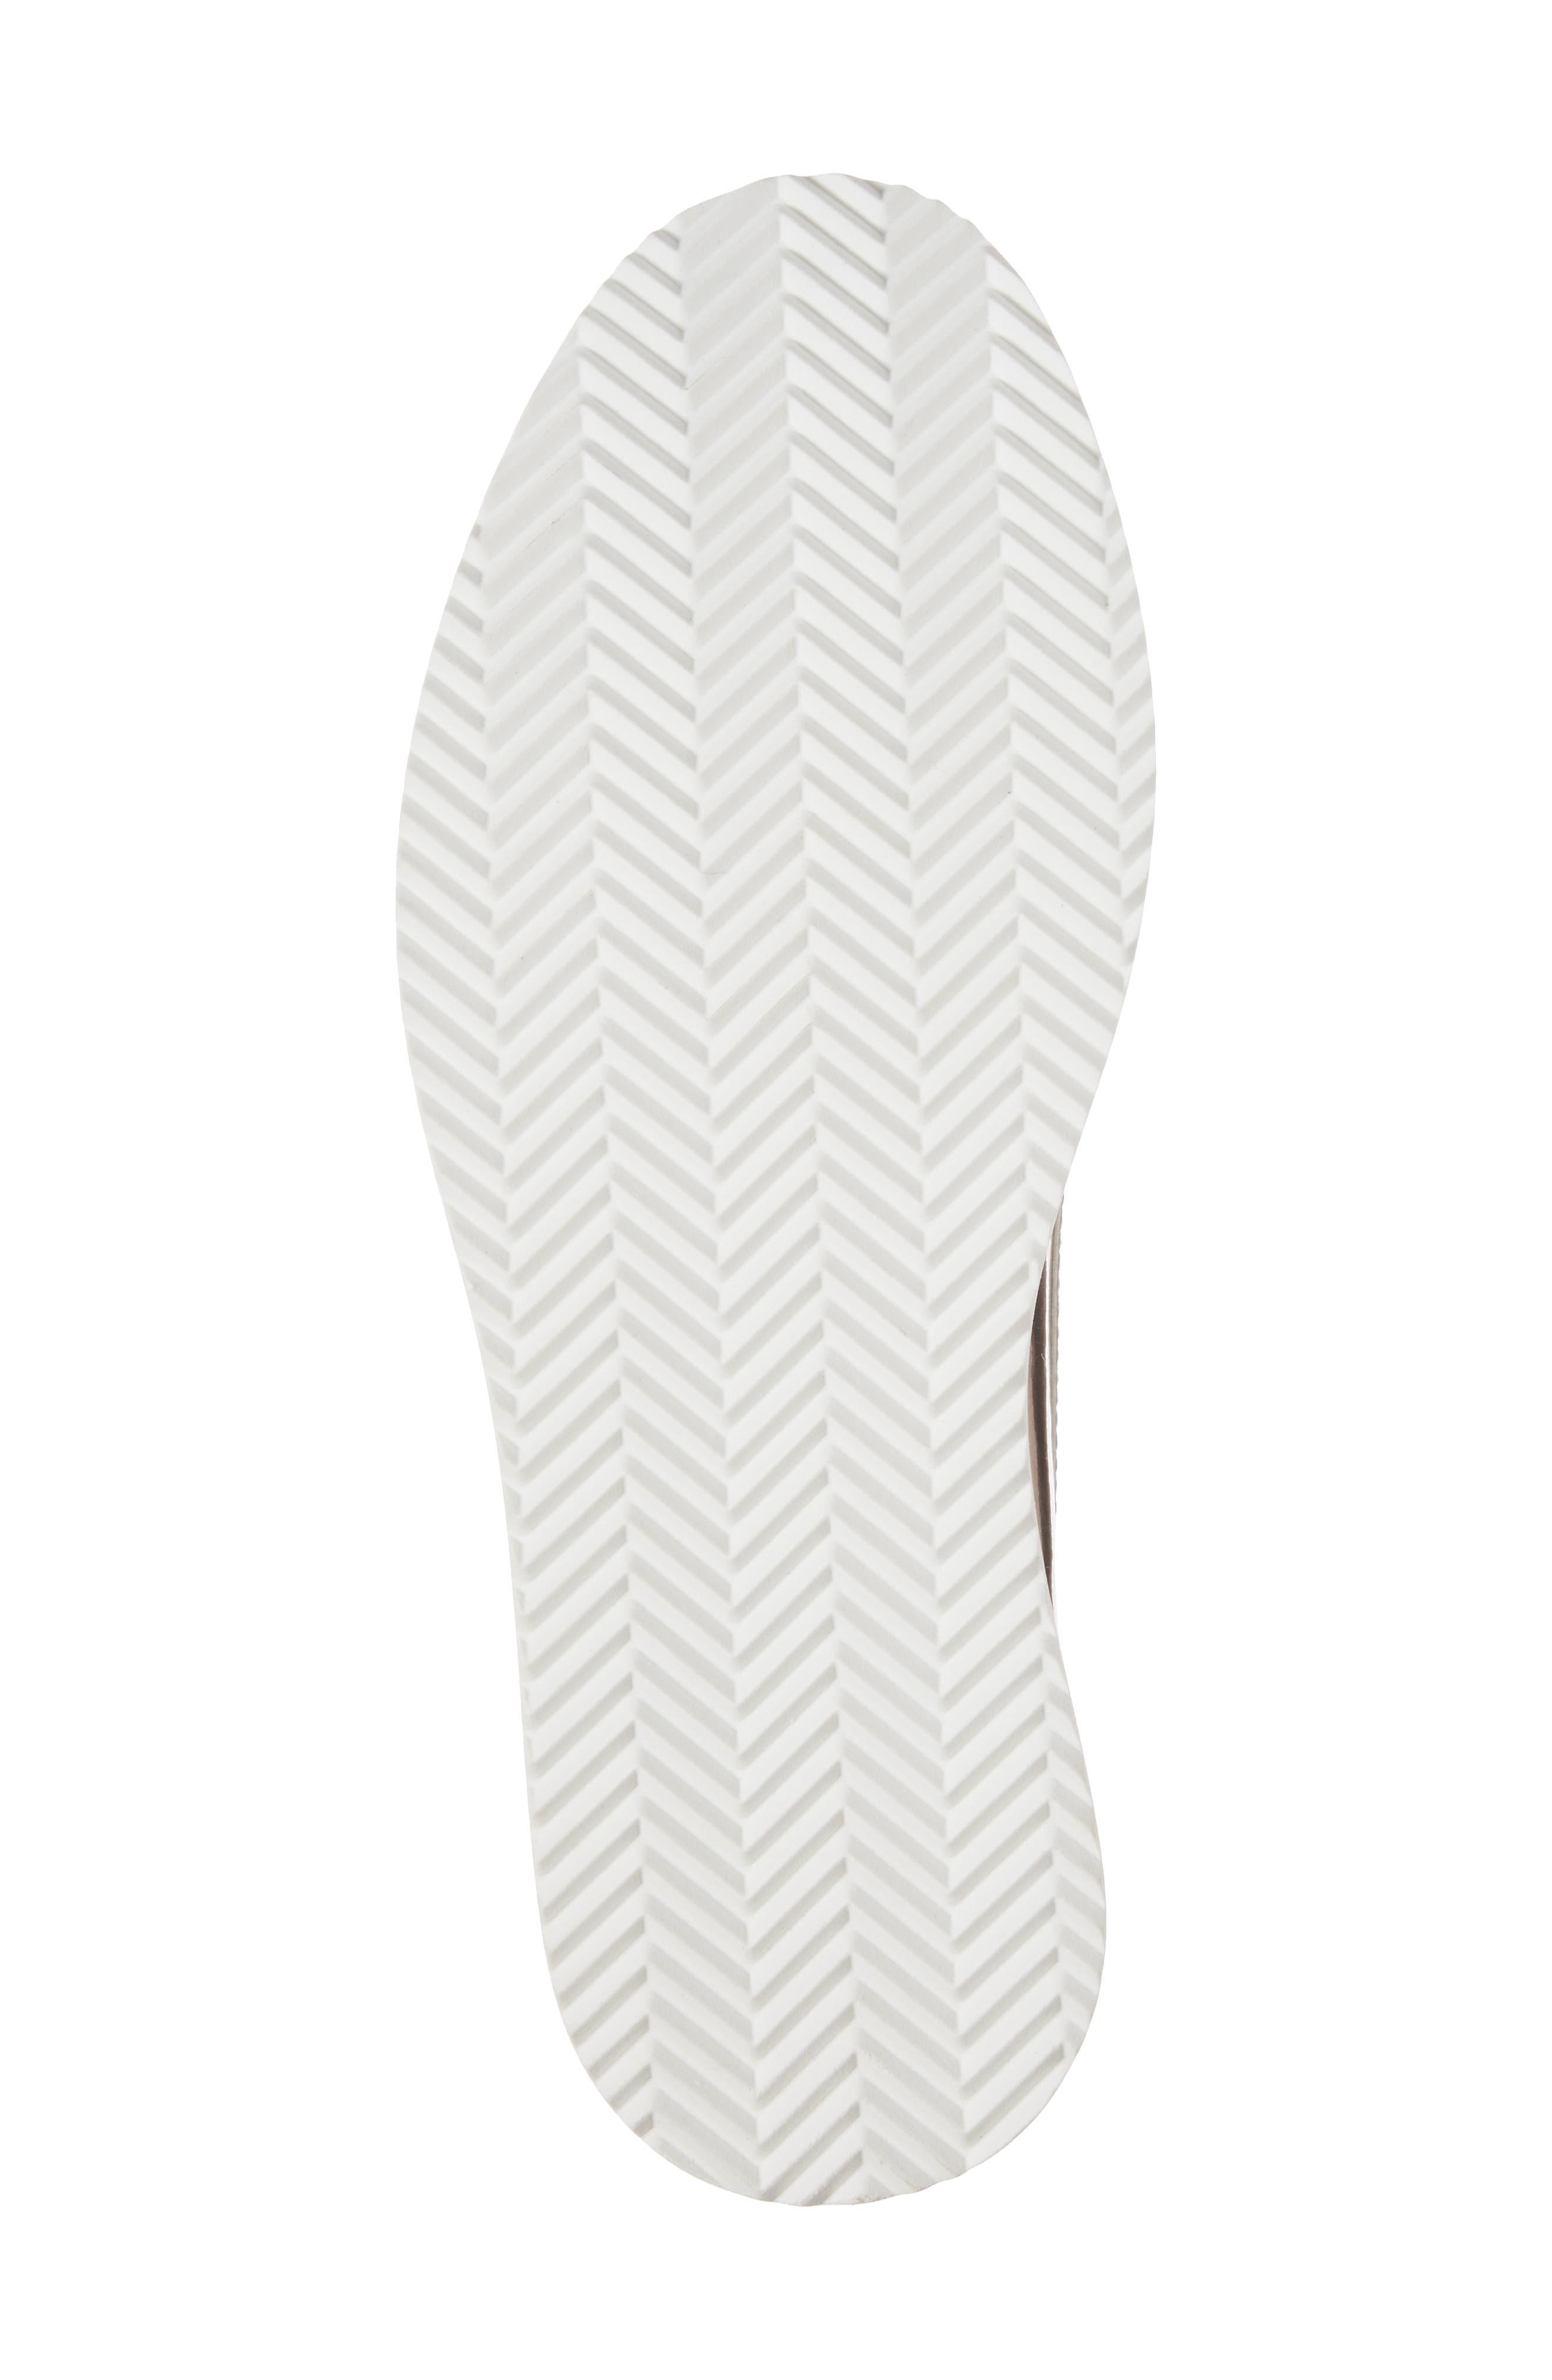 Trist Slip-On Metallic Sneaker,                             Alternate thumbnail 6, color,                             045